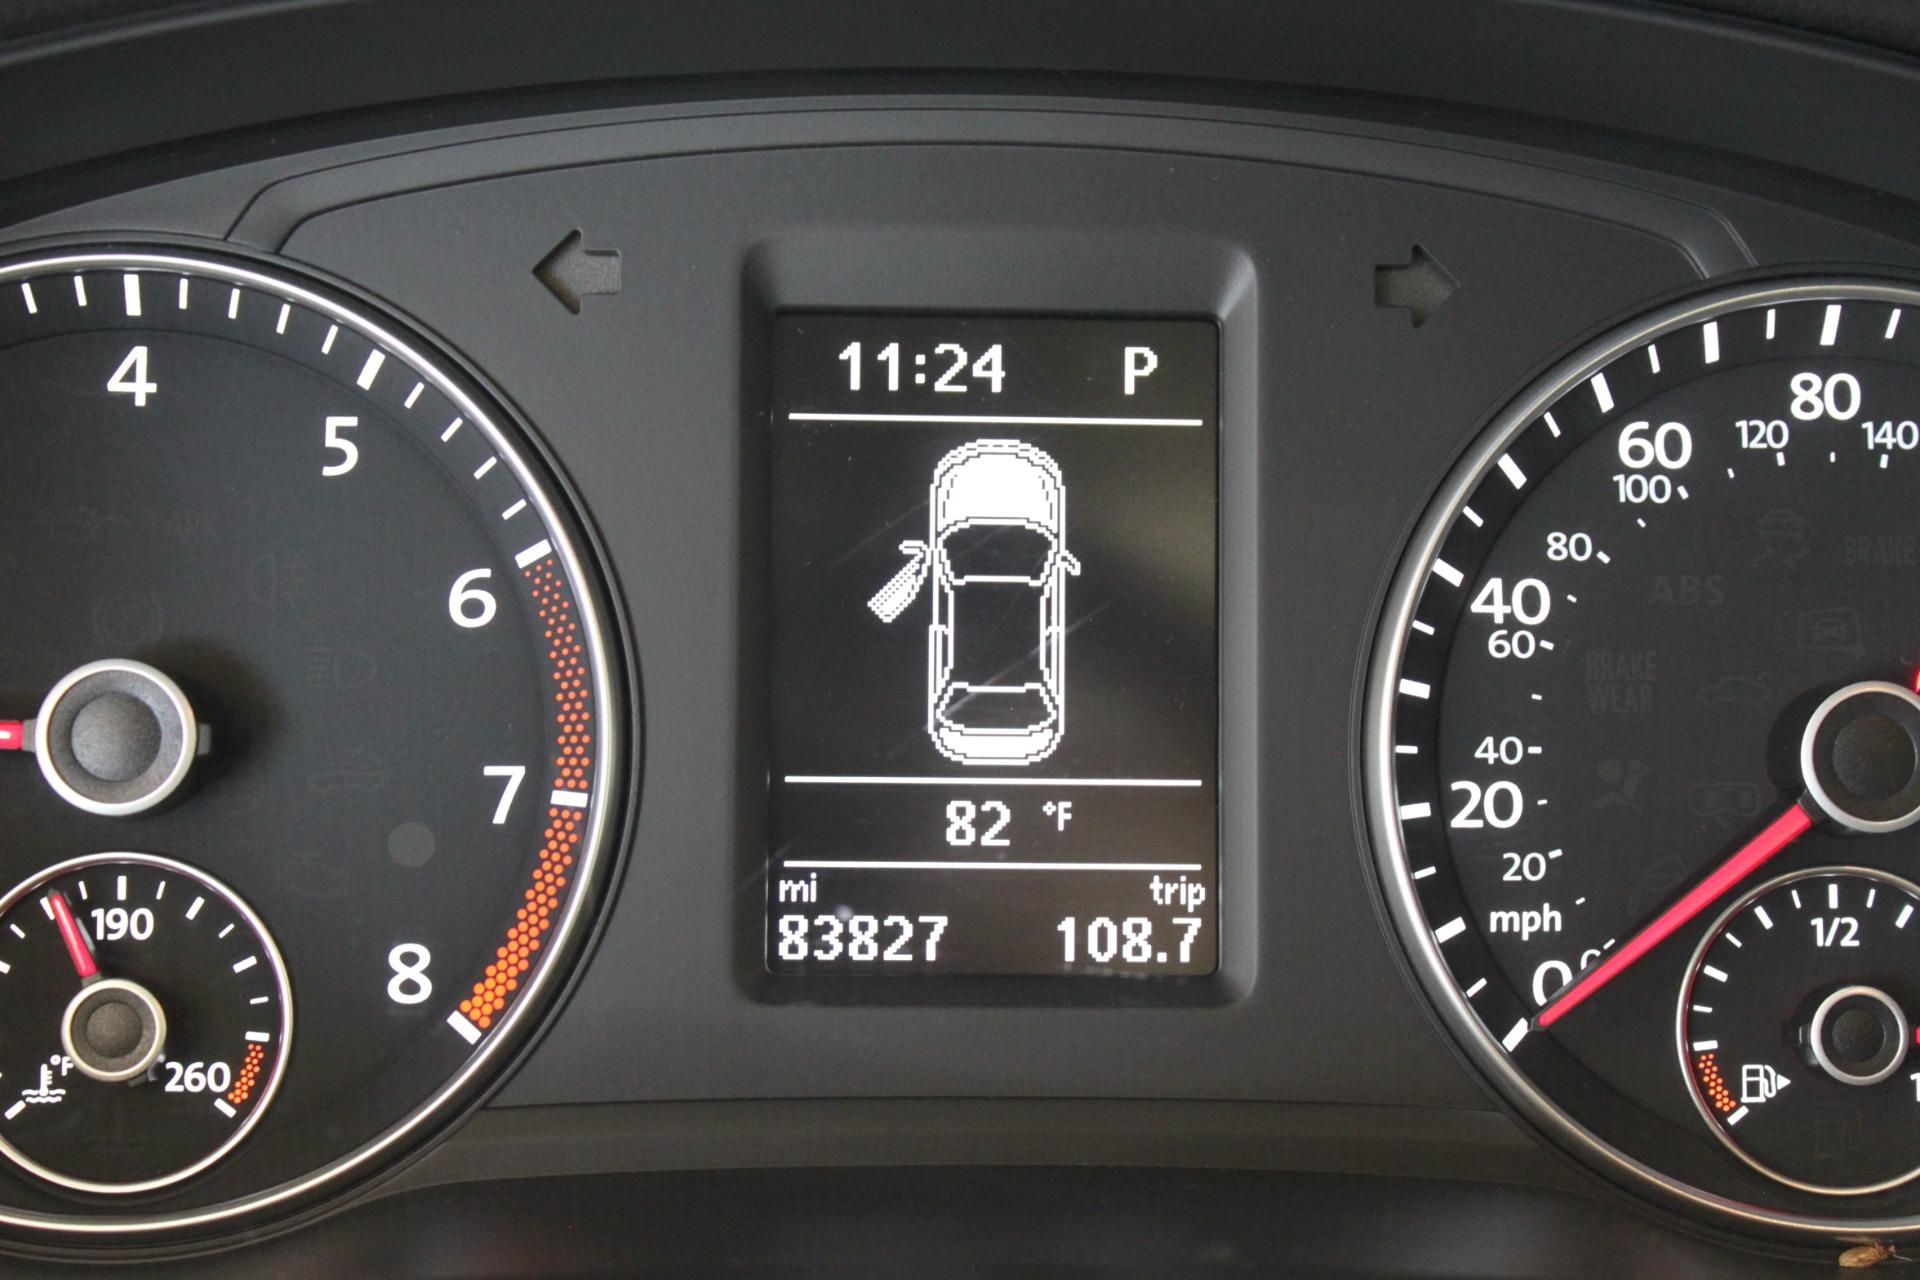 Used-2015-Volkswagen-Passat-18T-SE-w/Sunroof---Nav-Range-Rover